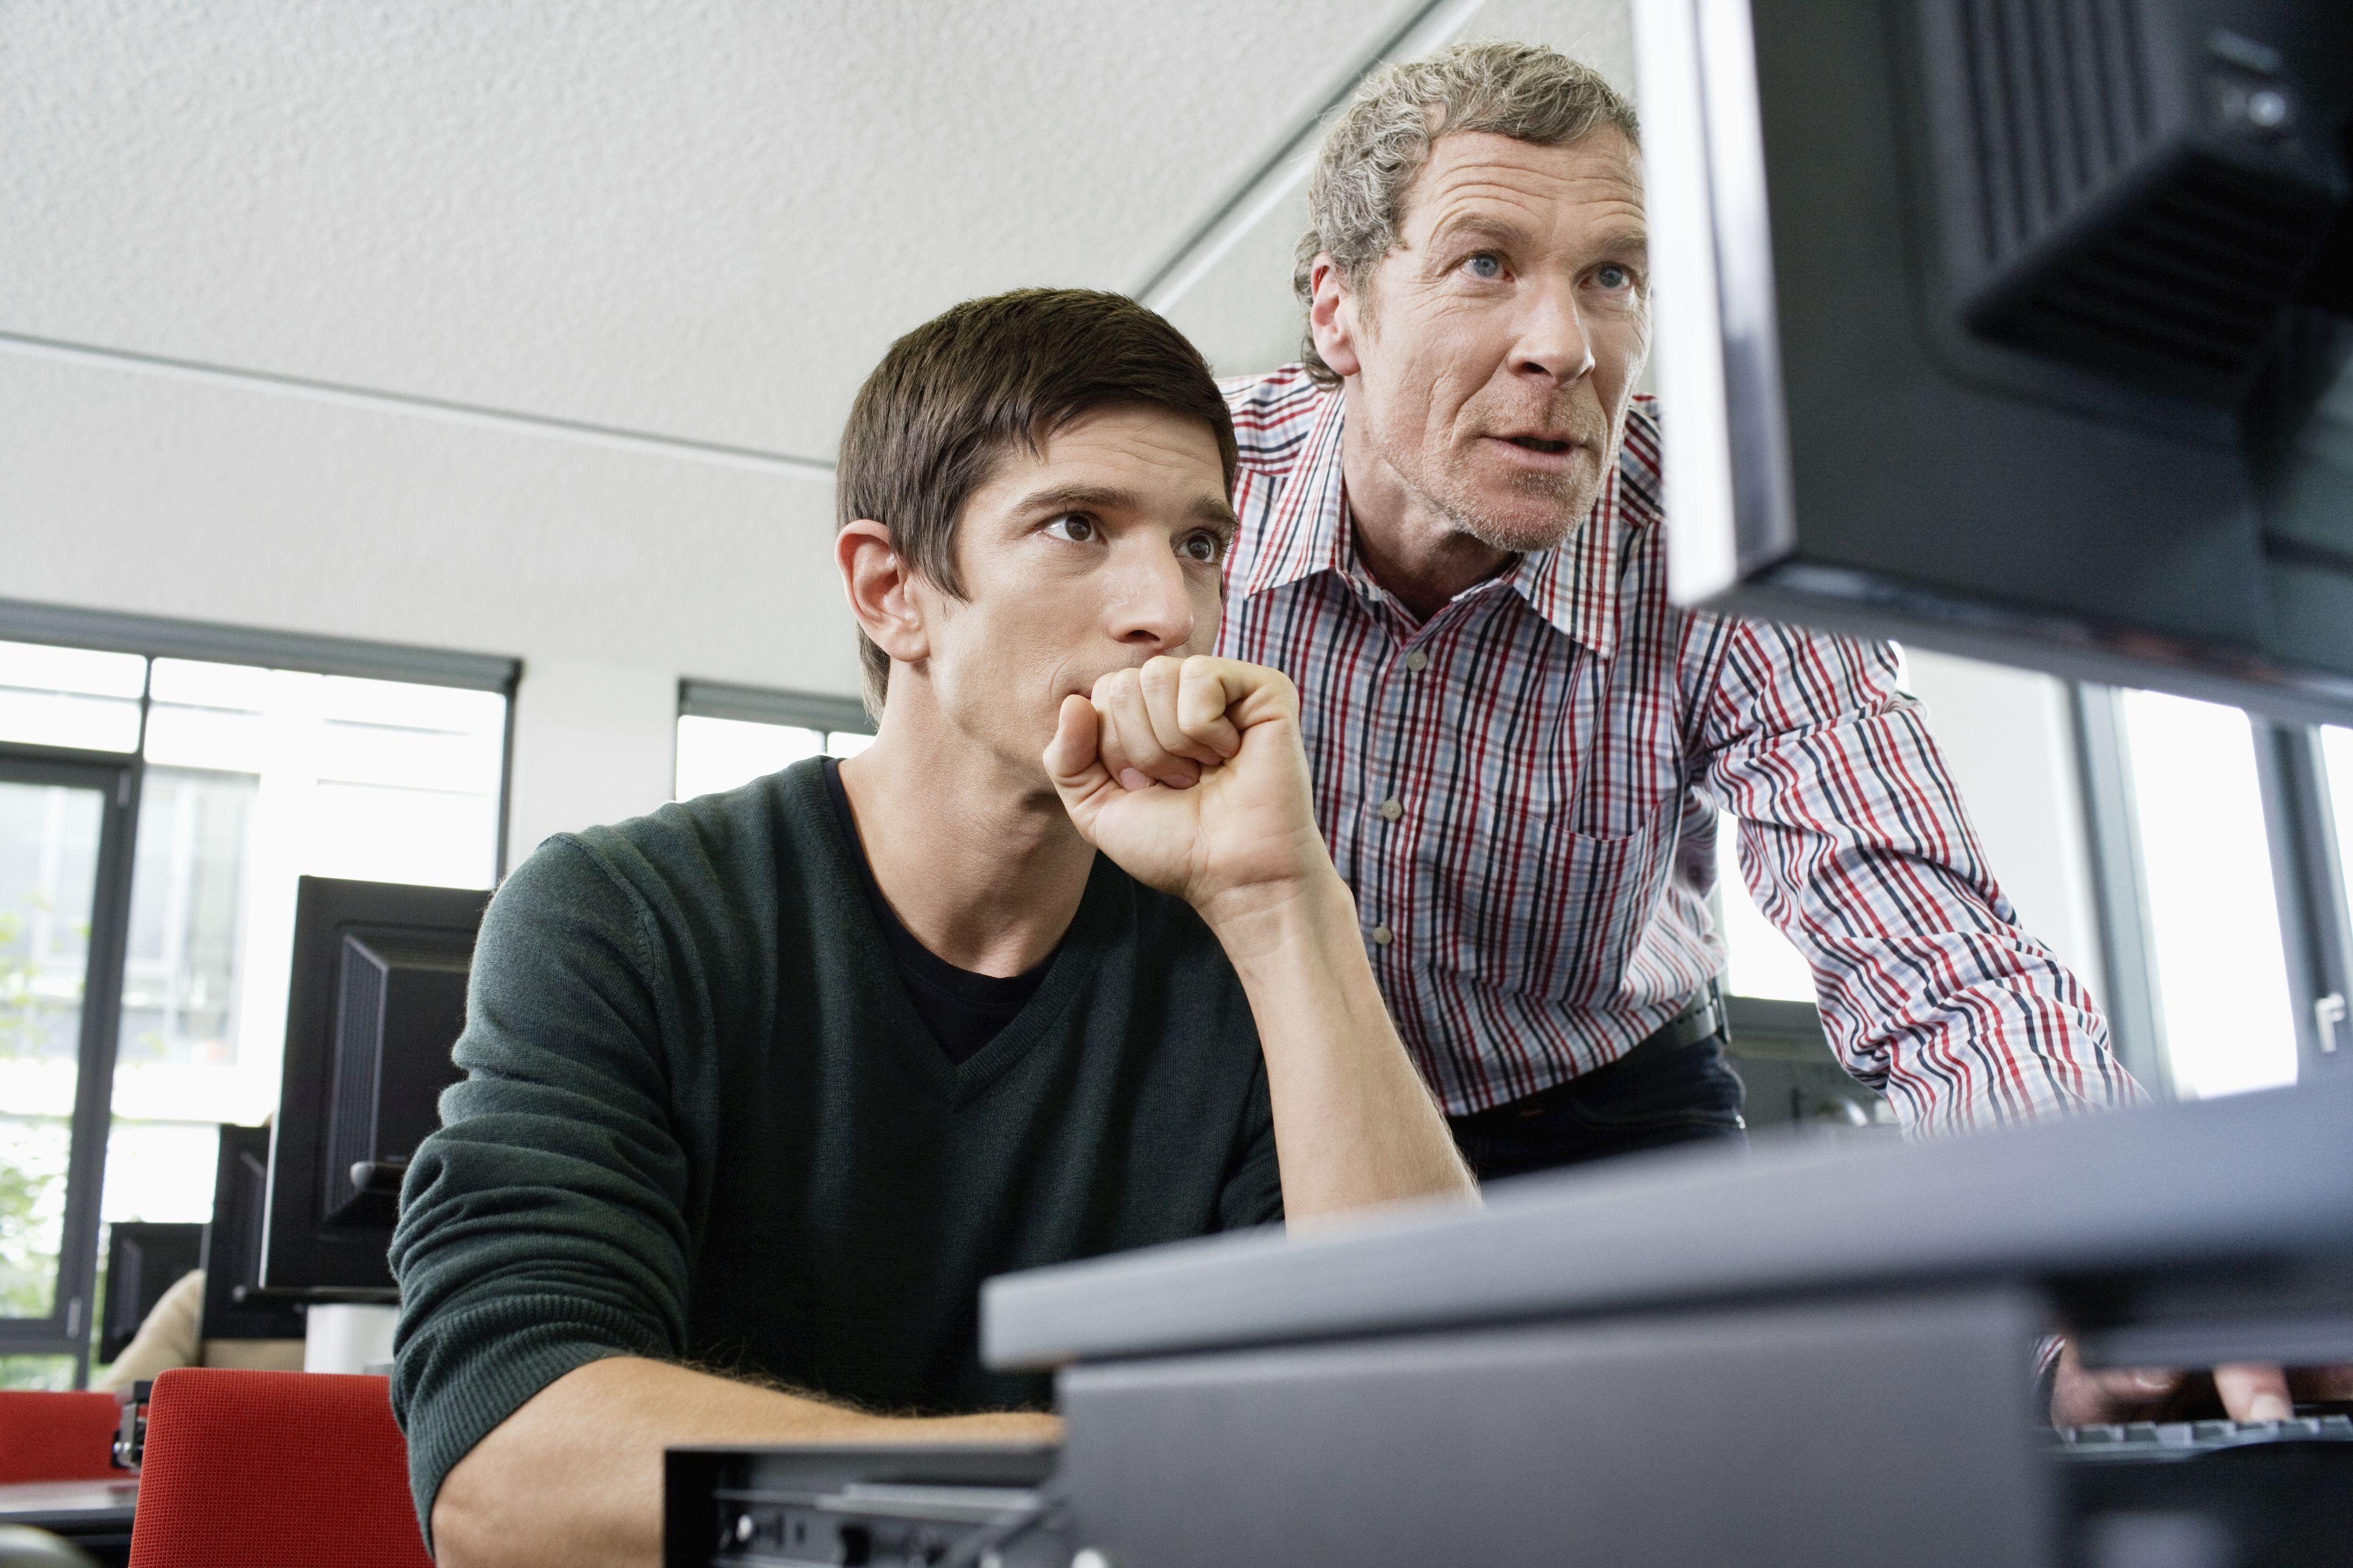 Người hướng dẫn trong lớp máy tính giúp học sinh